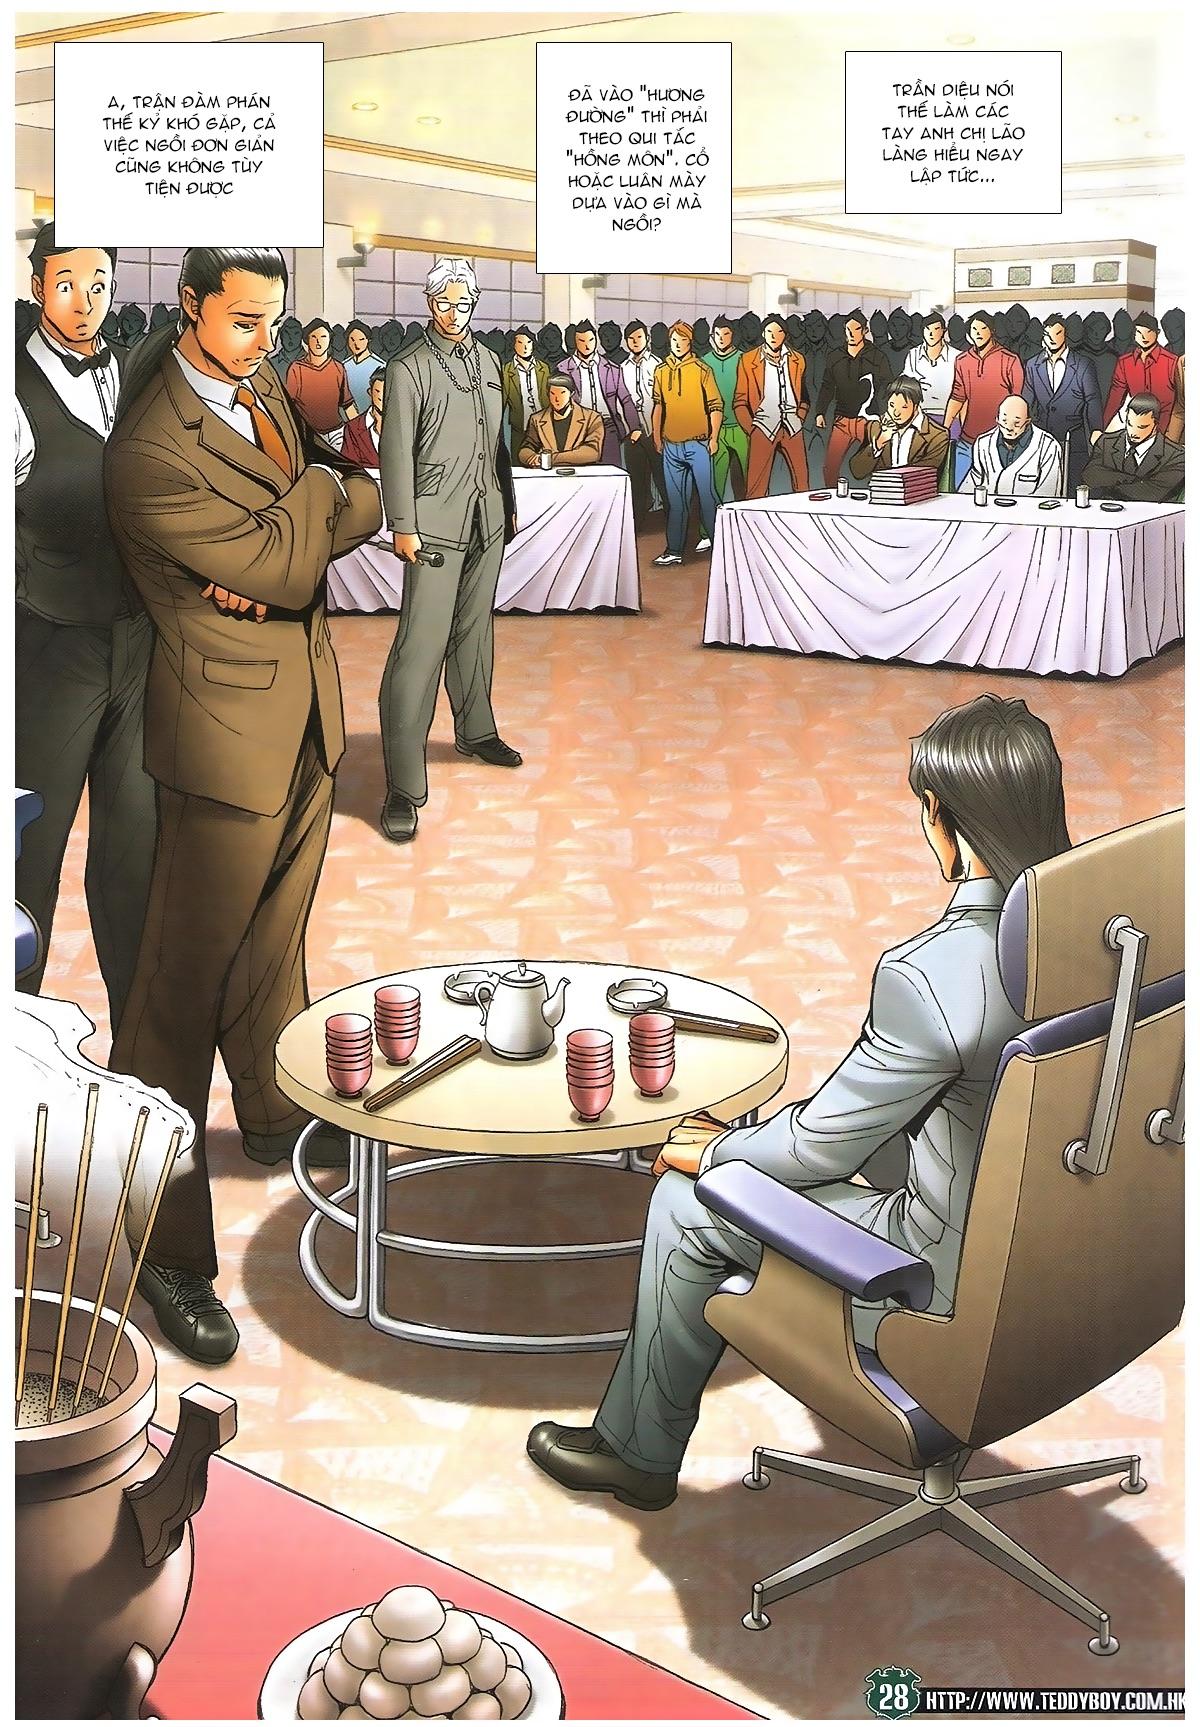 Người Trong Giang Hồ - Ngũ Hổ qui thiên - Chapter 1715: Đàm phán siêu cấp - Pic 24